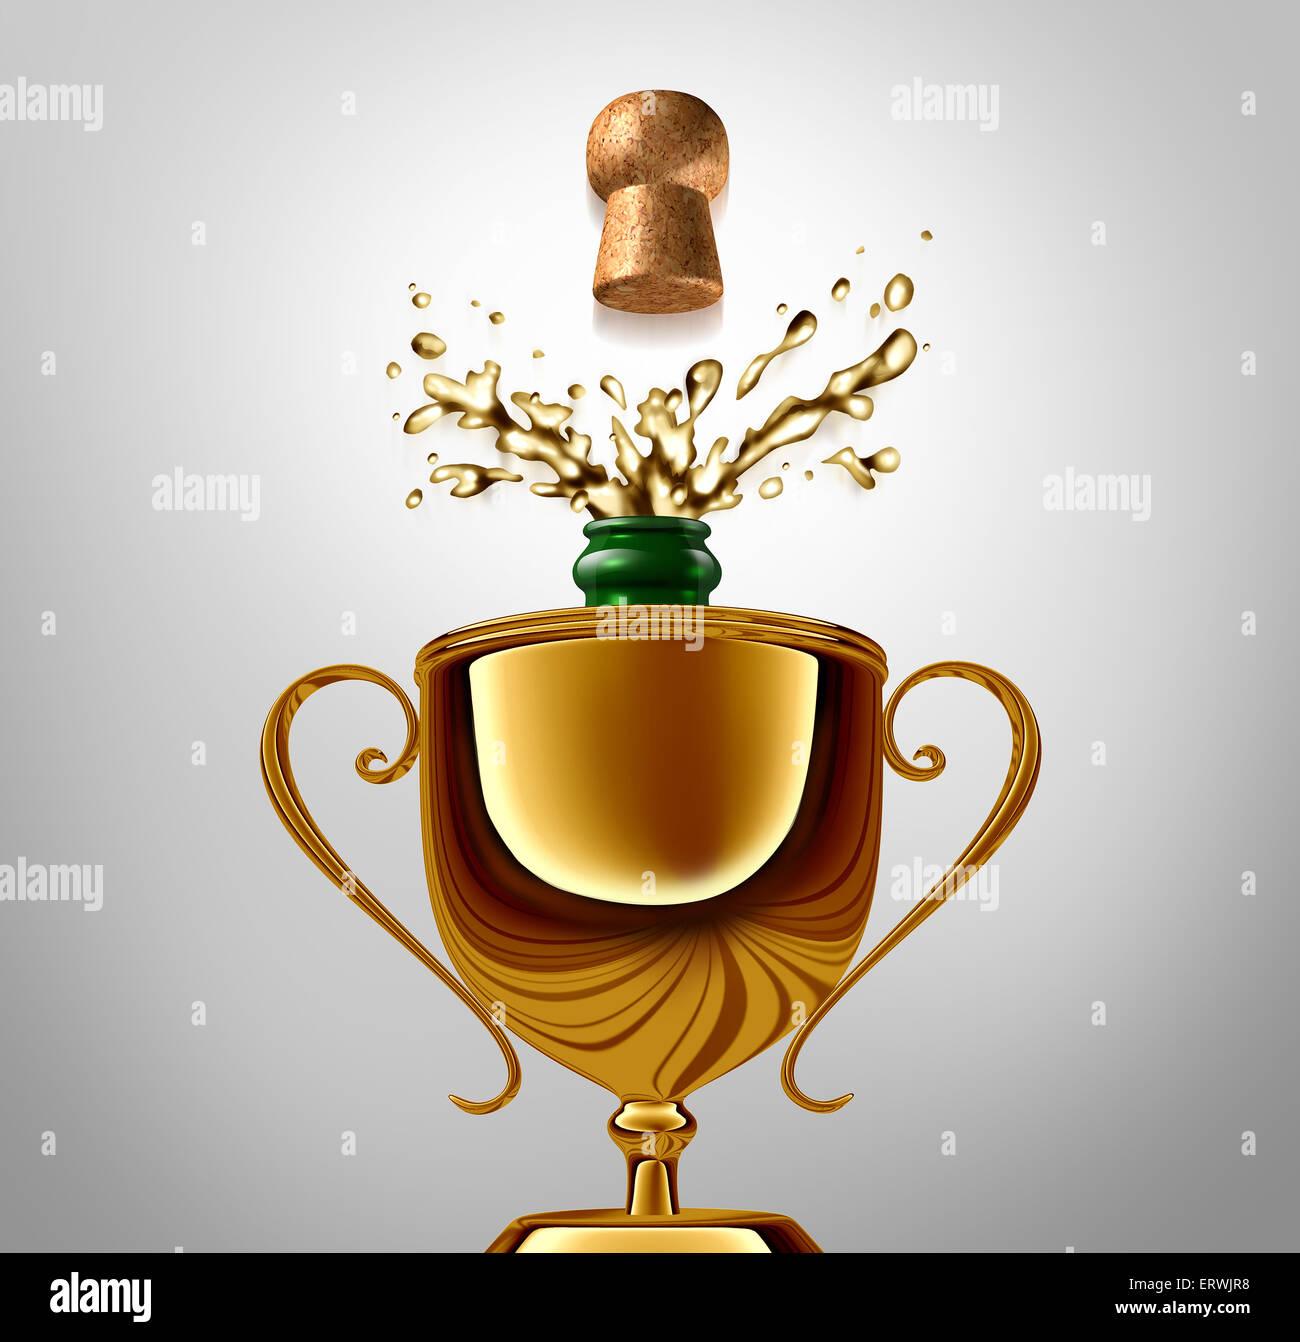 Ganador celebración concepto como un trofeo de oro con increíble agilidad, descorchaban una botella de Imagen De Stock